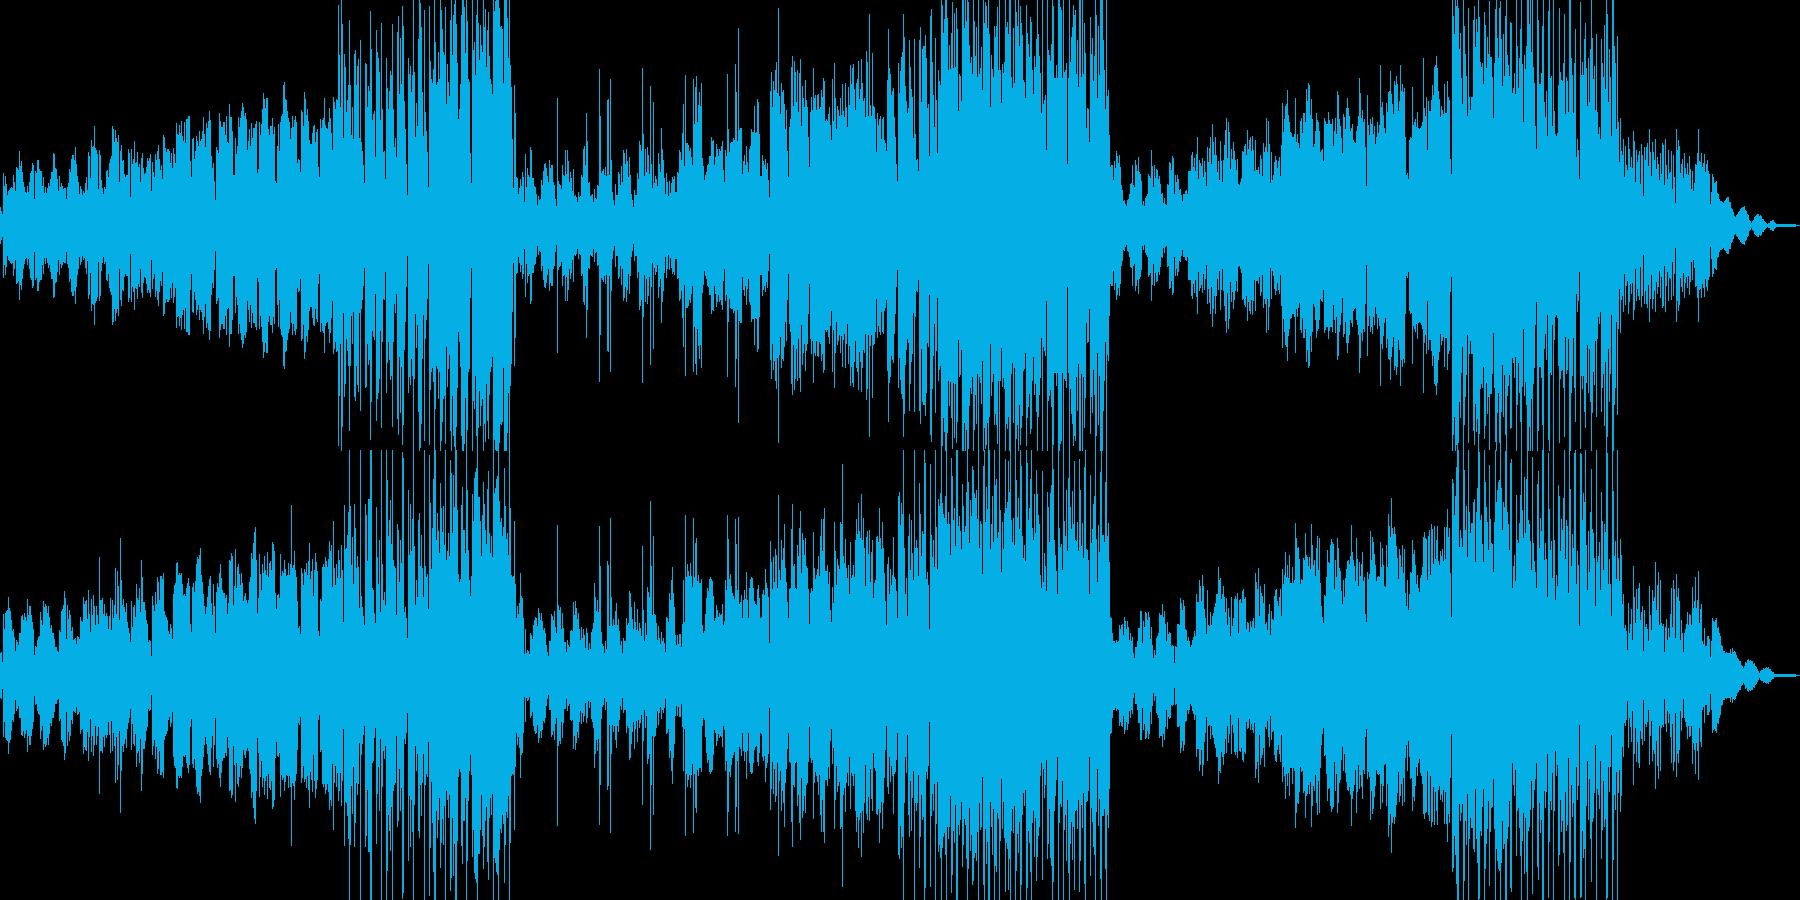 ピアノと民族楽器の温かで静かなBGMの再生済みの波形